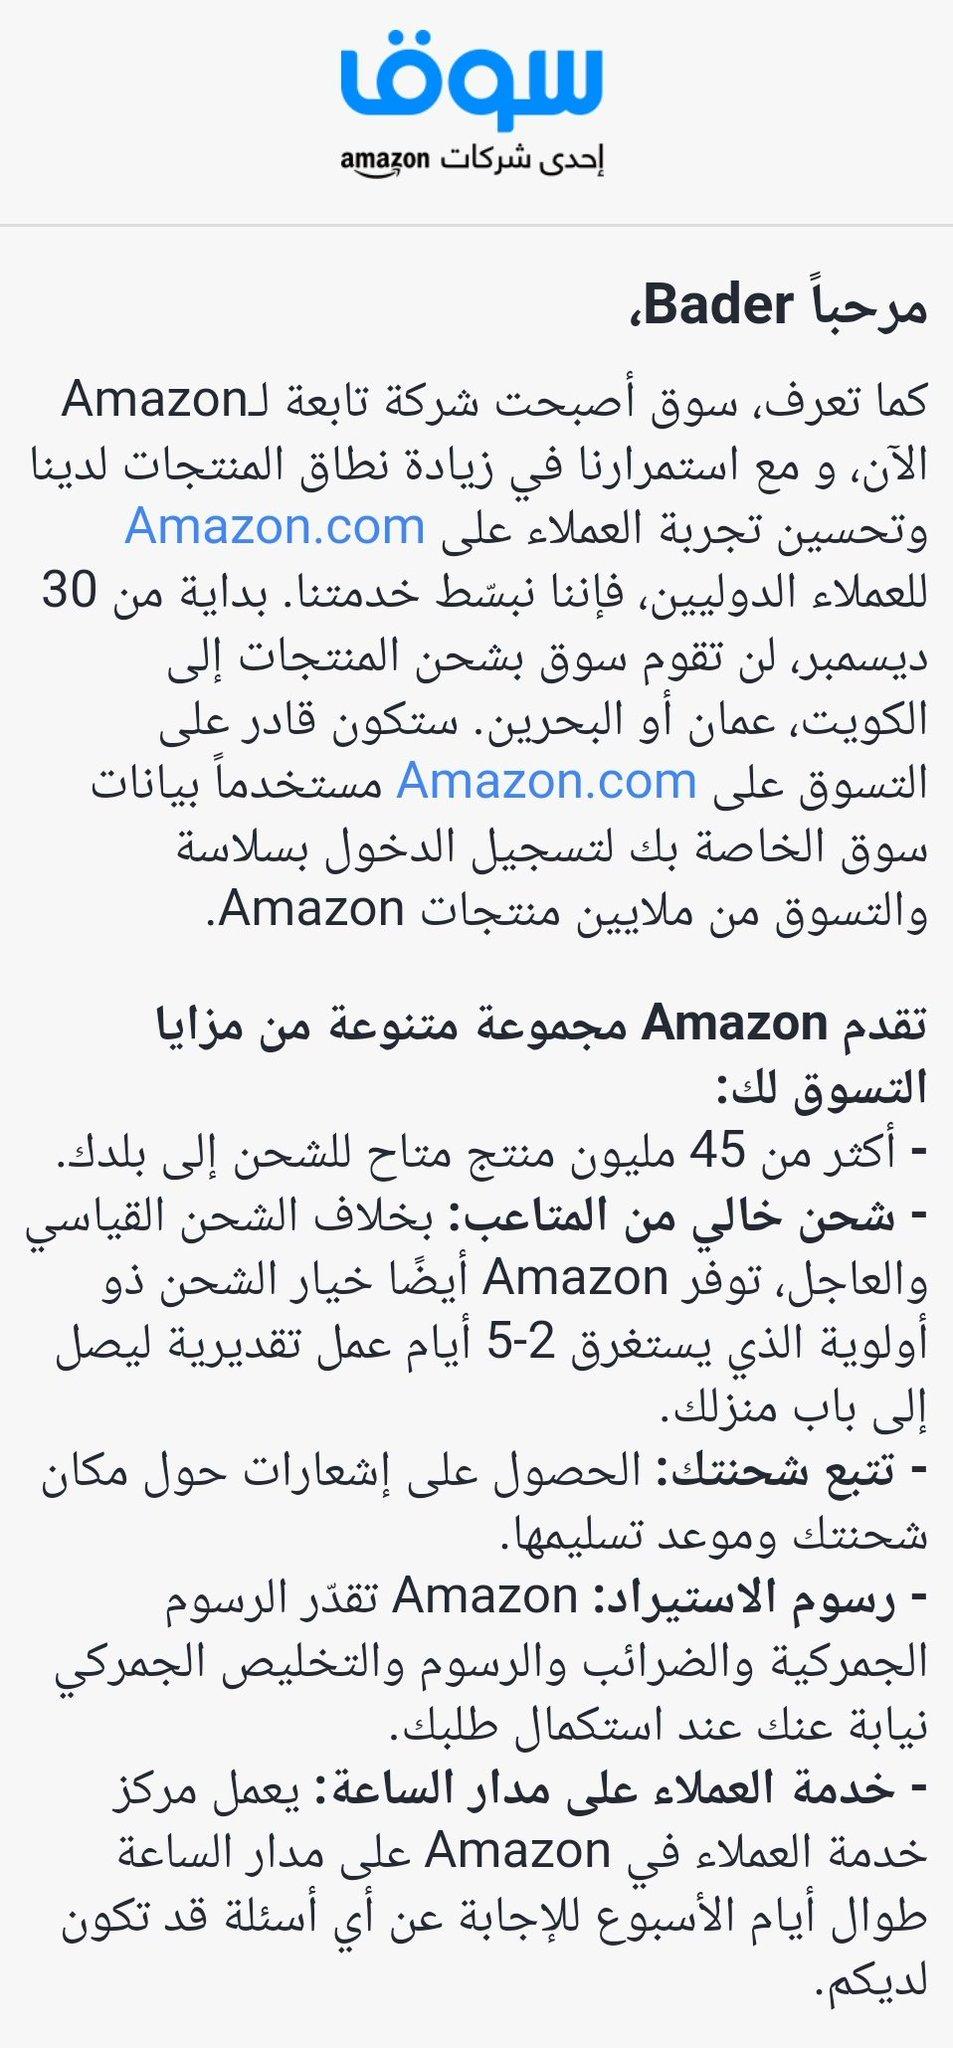 28b16cc29 الأمر الآخر الملفت وهو بأن دومين أمازون الكويتي متوفر و بالفعل يحول الزائر  إلى موقع أمازون العالمي , ولا توجد لدي معلومة صحيحة ما إن كان بالفعل  الدومين ملك ...